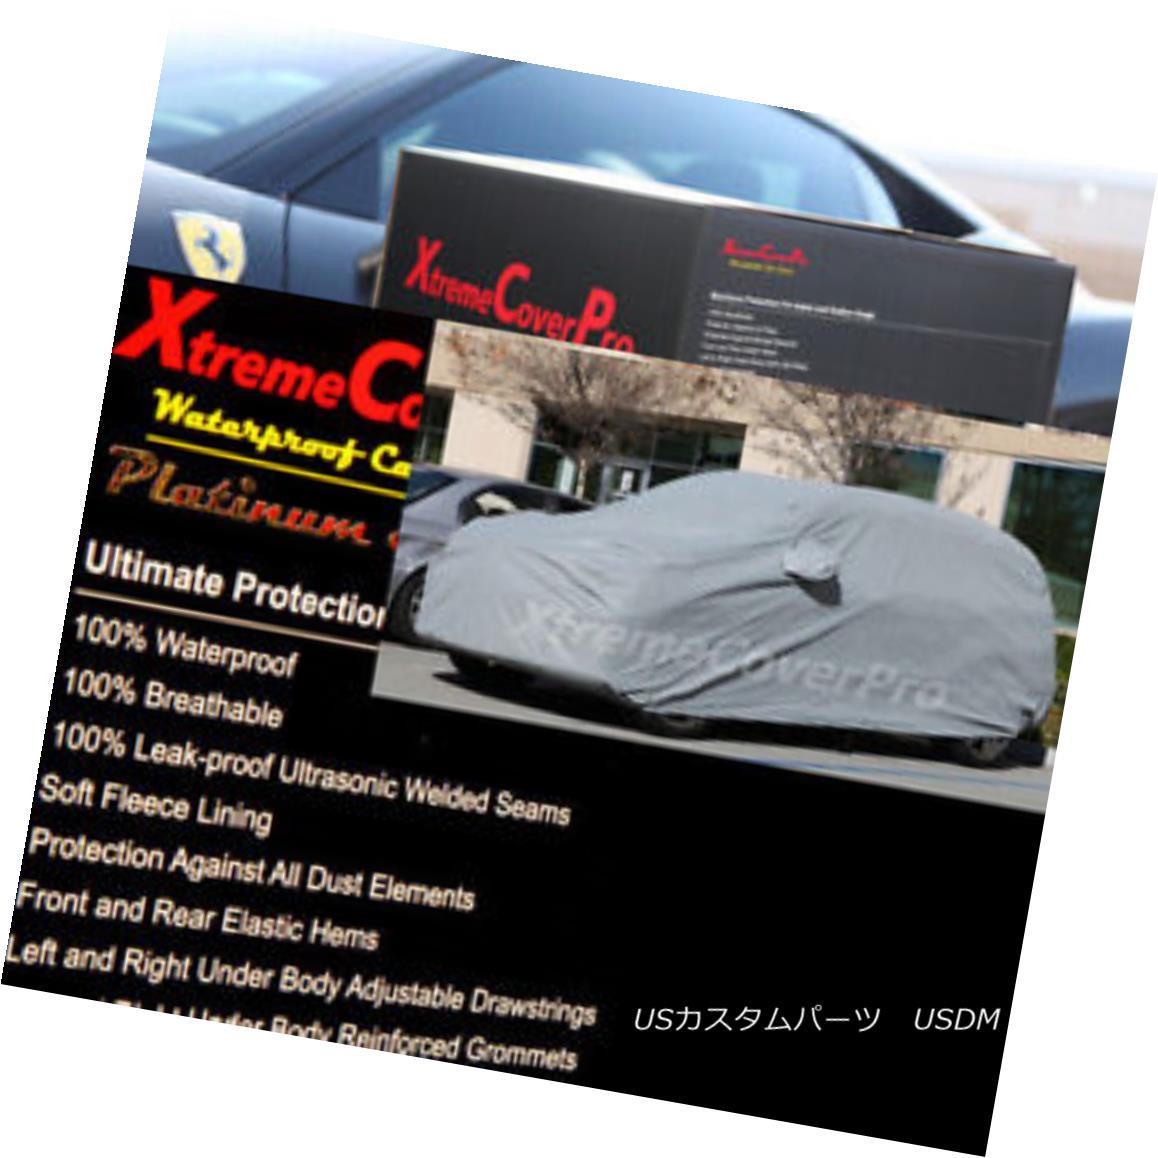 カーカバー 2007 2008 2009 2010 2011 2012 Audi Q7 Waterproof Car Cover w/MirrorPocket 2007年2008年2009年2010年2011年Audi Q7防水カーカバー付きMirrorPocket